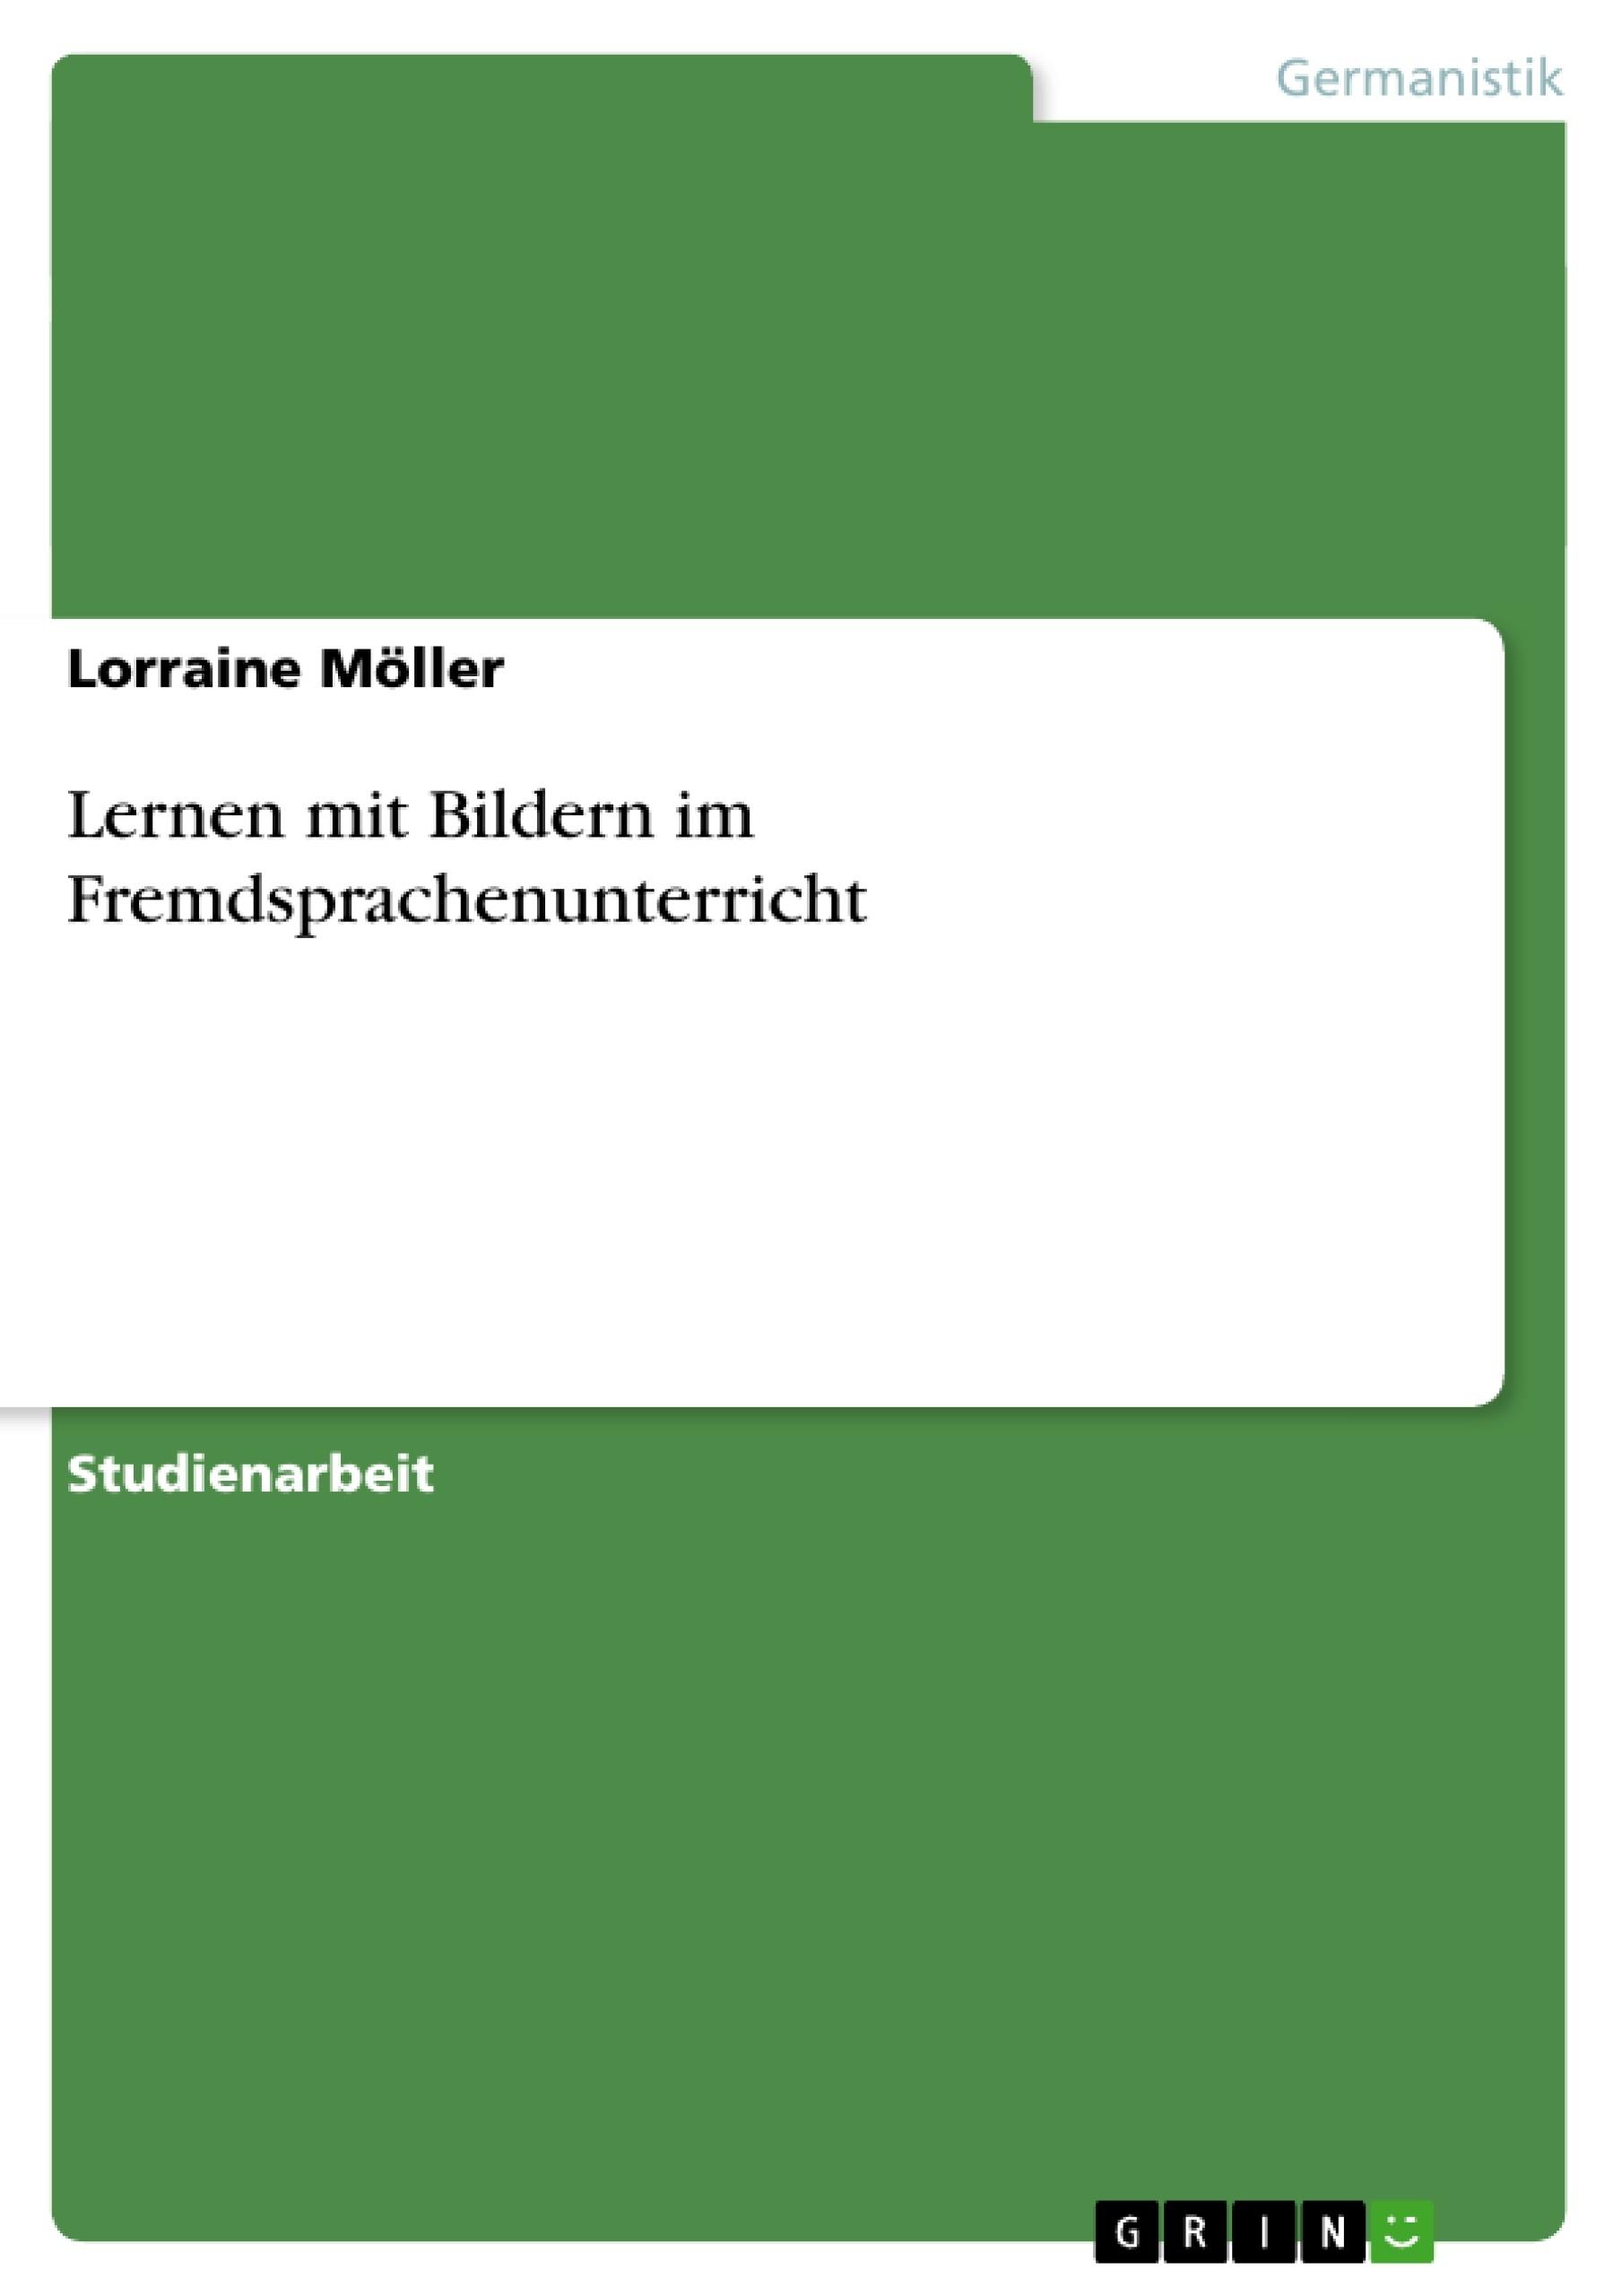 Titel: Lernen mit Bildern im Fremdsprachenunterricht